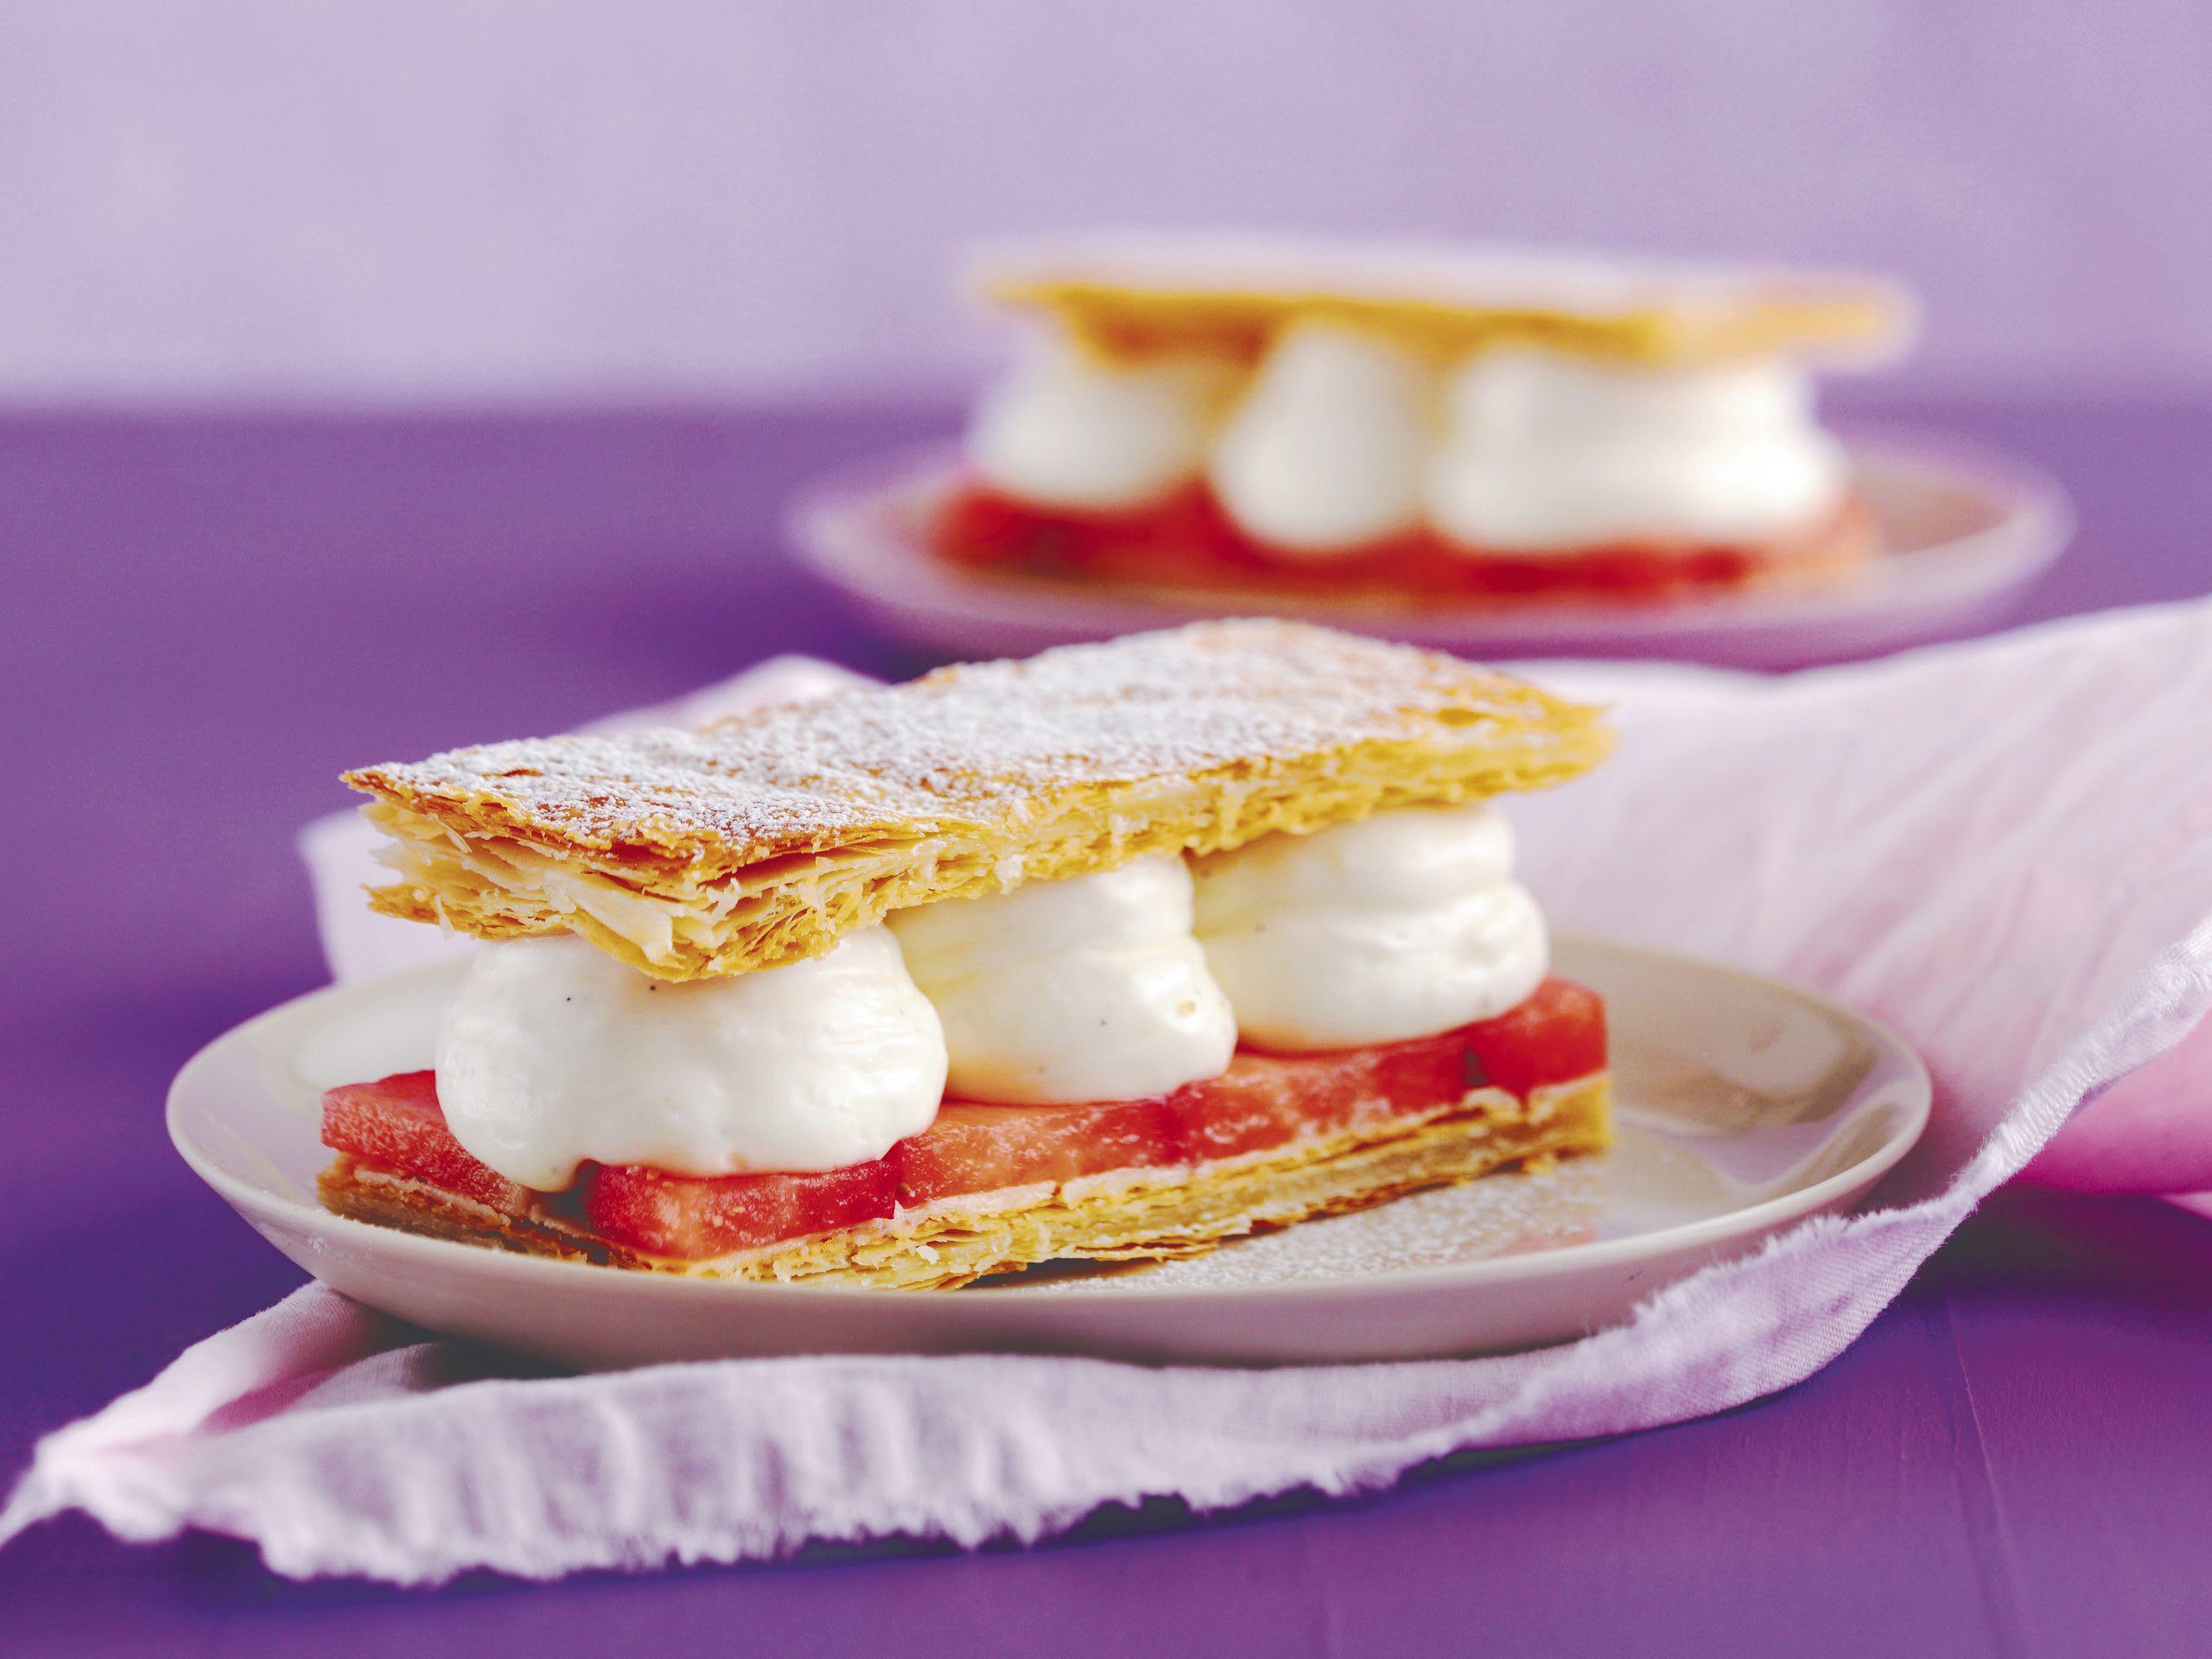 Vanille-Erdbeer-Crèmeschnitten